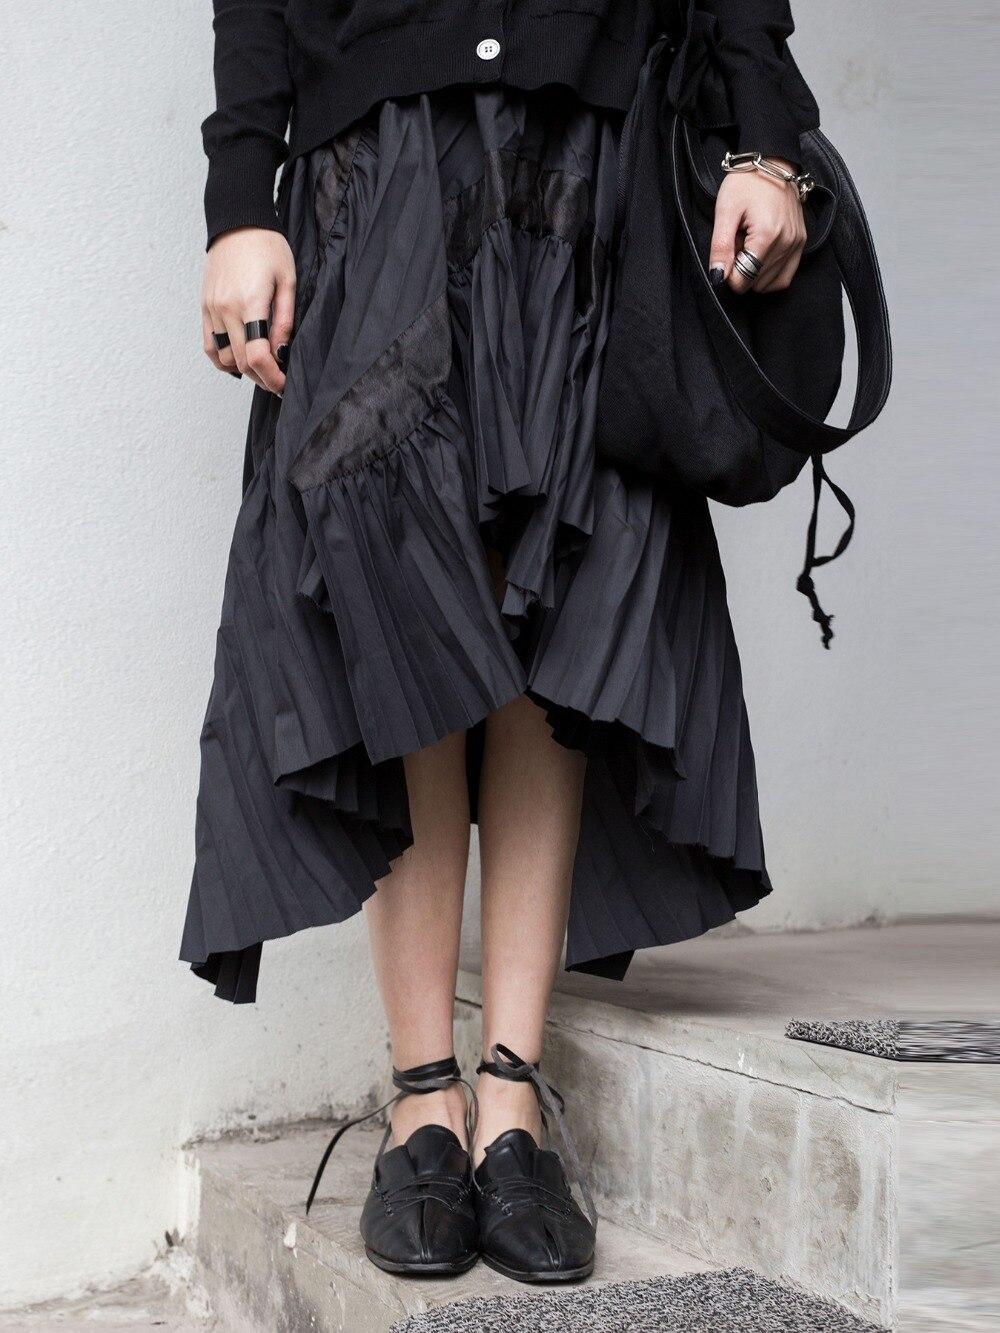 2019 Nuevo Irregular Viento Coreano Cakucool Mujer Oscuro Negro Hueco Y Plisada Primavera Falda Verano BpWxxvwUdq